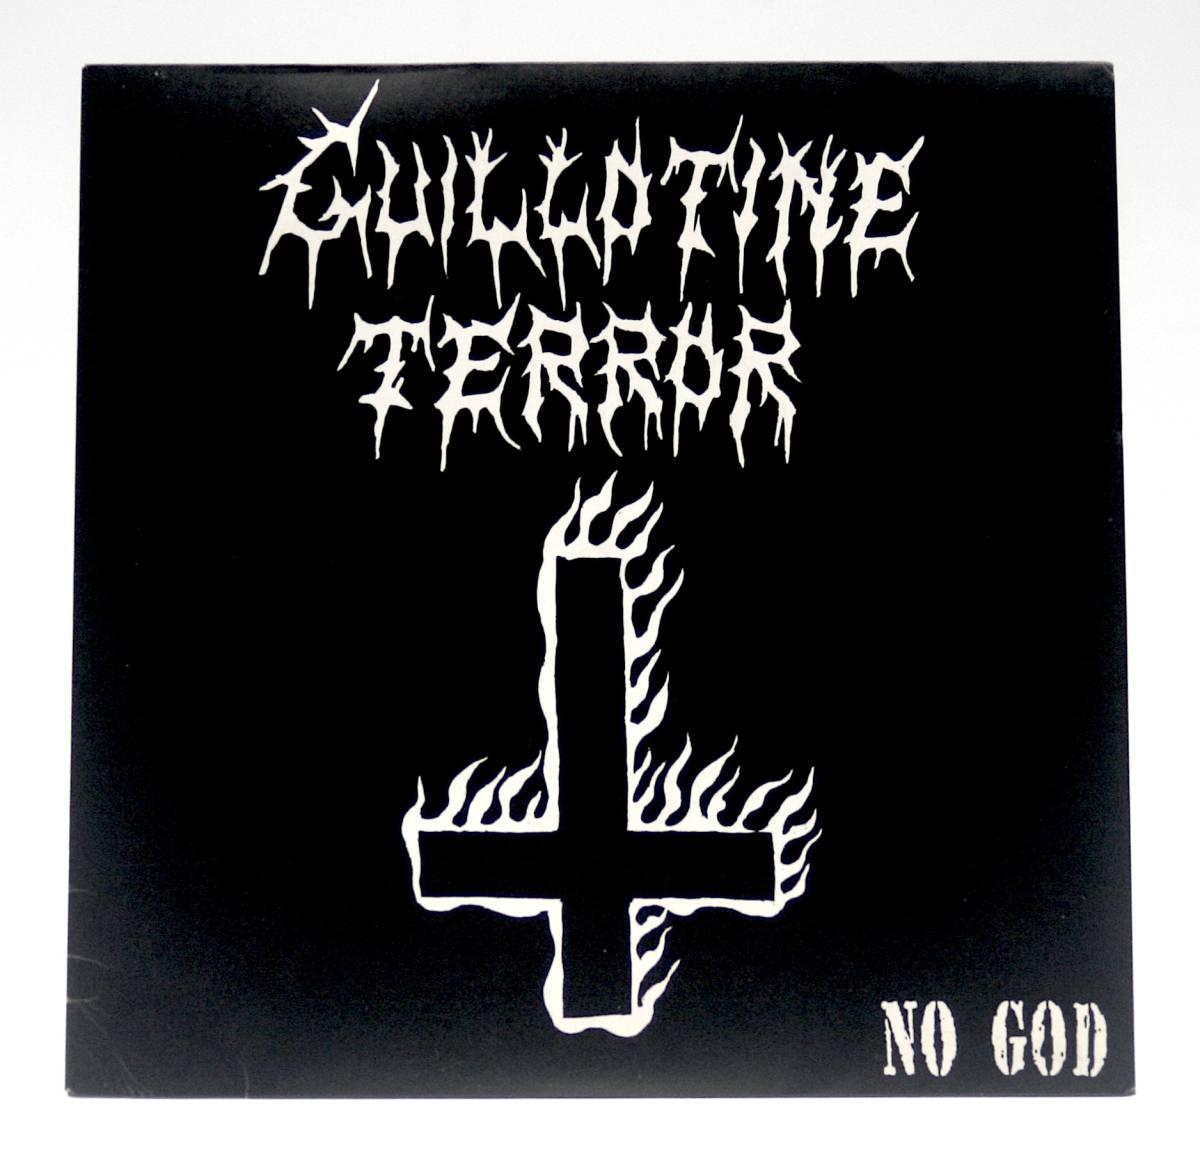 新品未開封 : レア★GUILLOTINE TERROR/NO GOD (ギロチン・テラー 義狼魑武掟羅亜_画像1